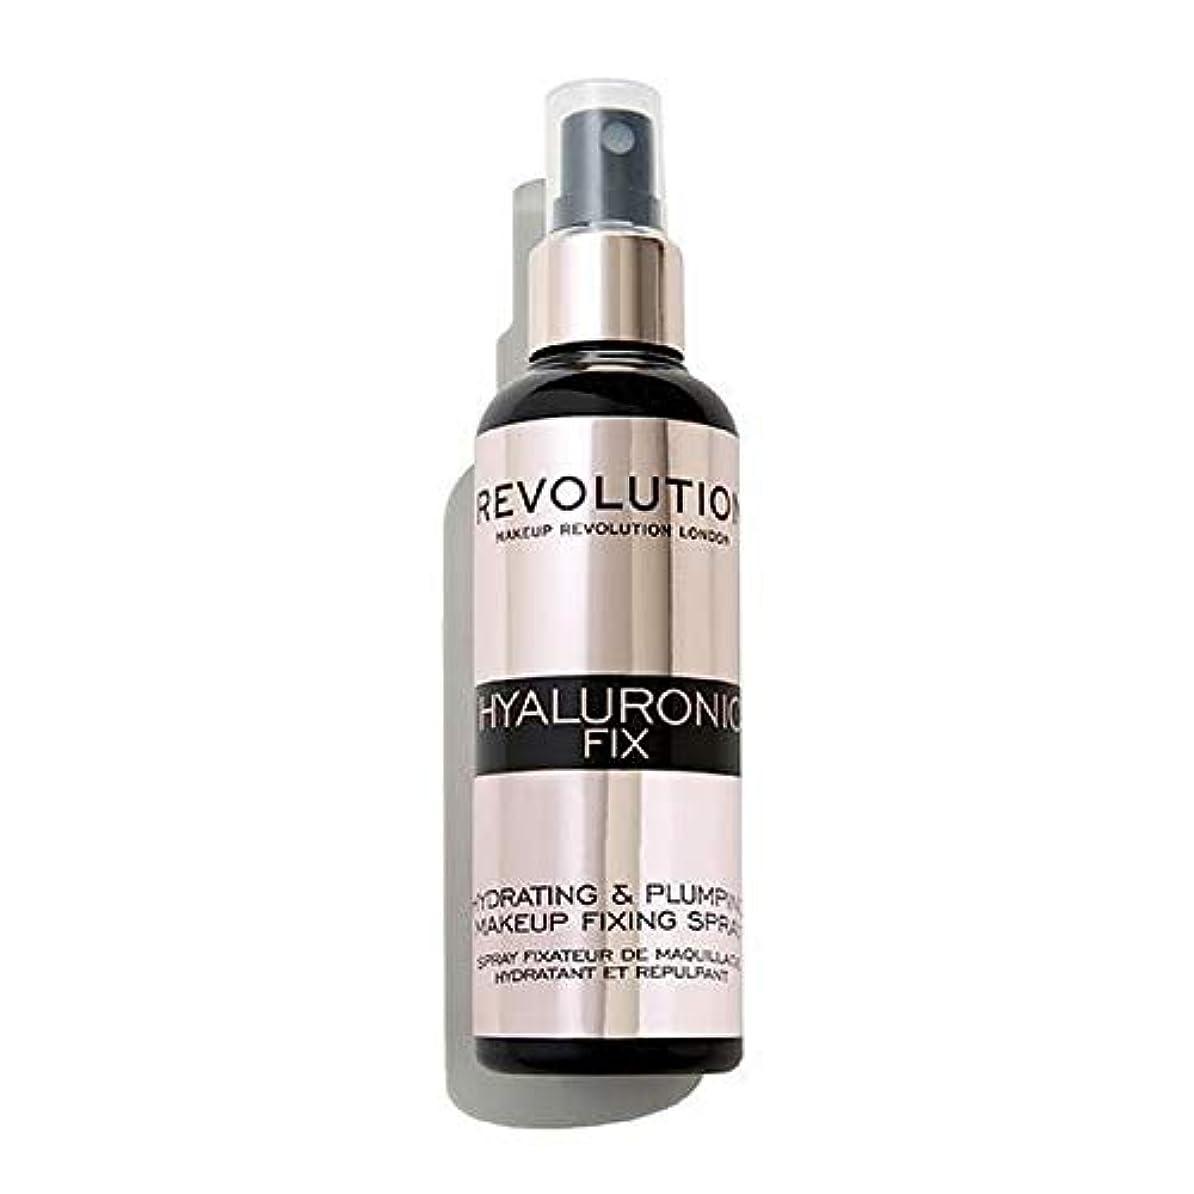 スポーツをするトロピカル蒸発する[Revolution ] 化粧革命ヒアルロン固定スプレー - Makeup Revolution Hyaluronic Fixing Spray [並行輸入品]